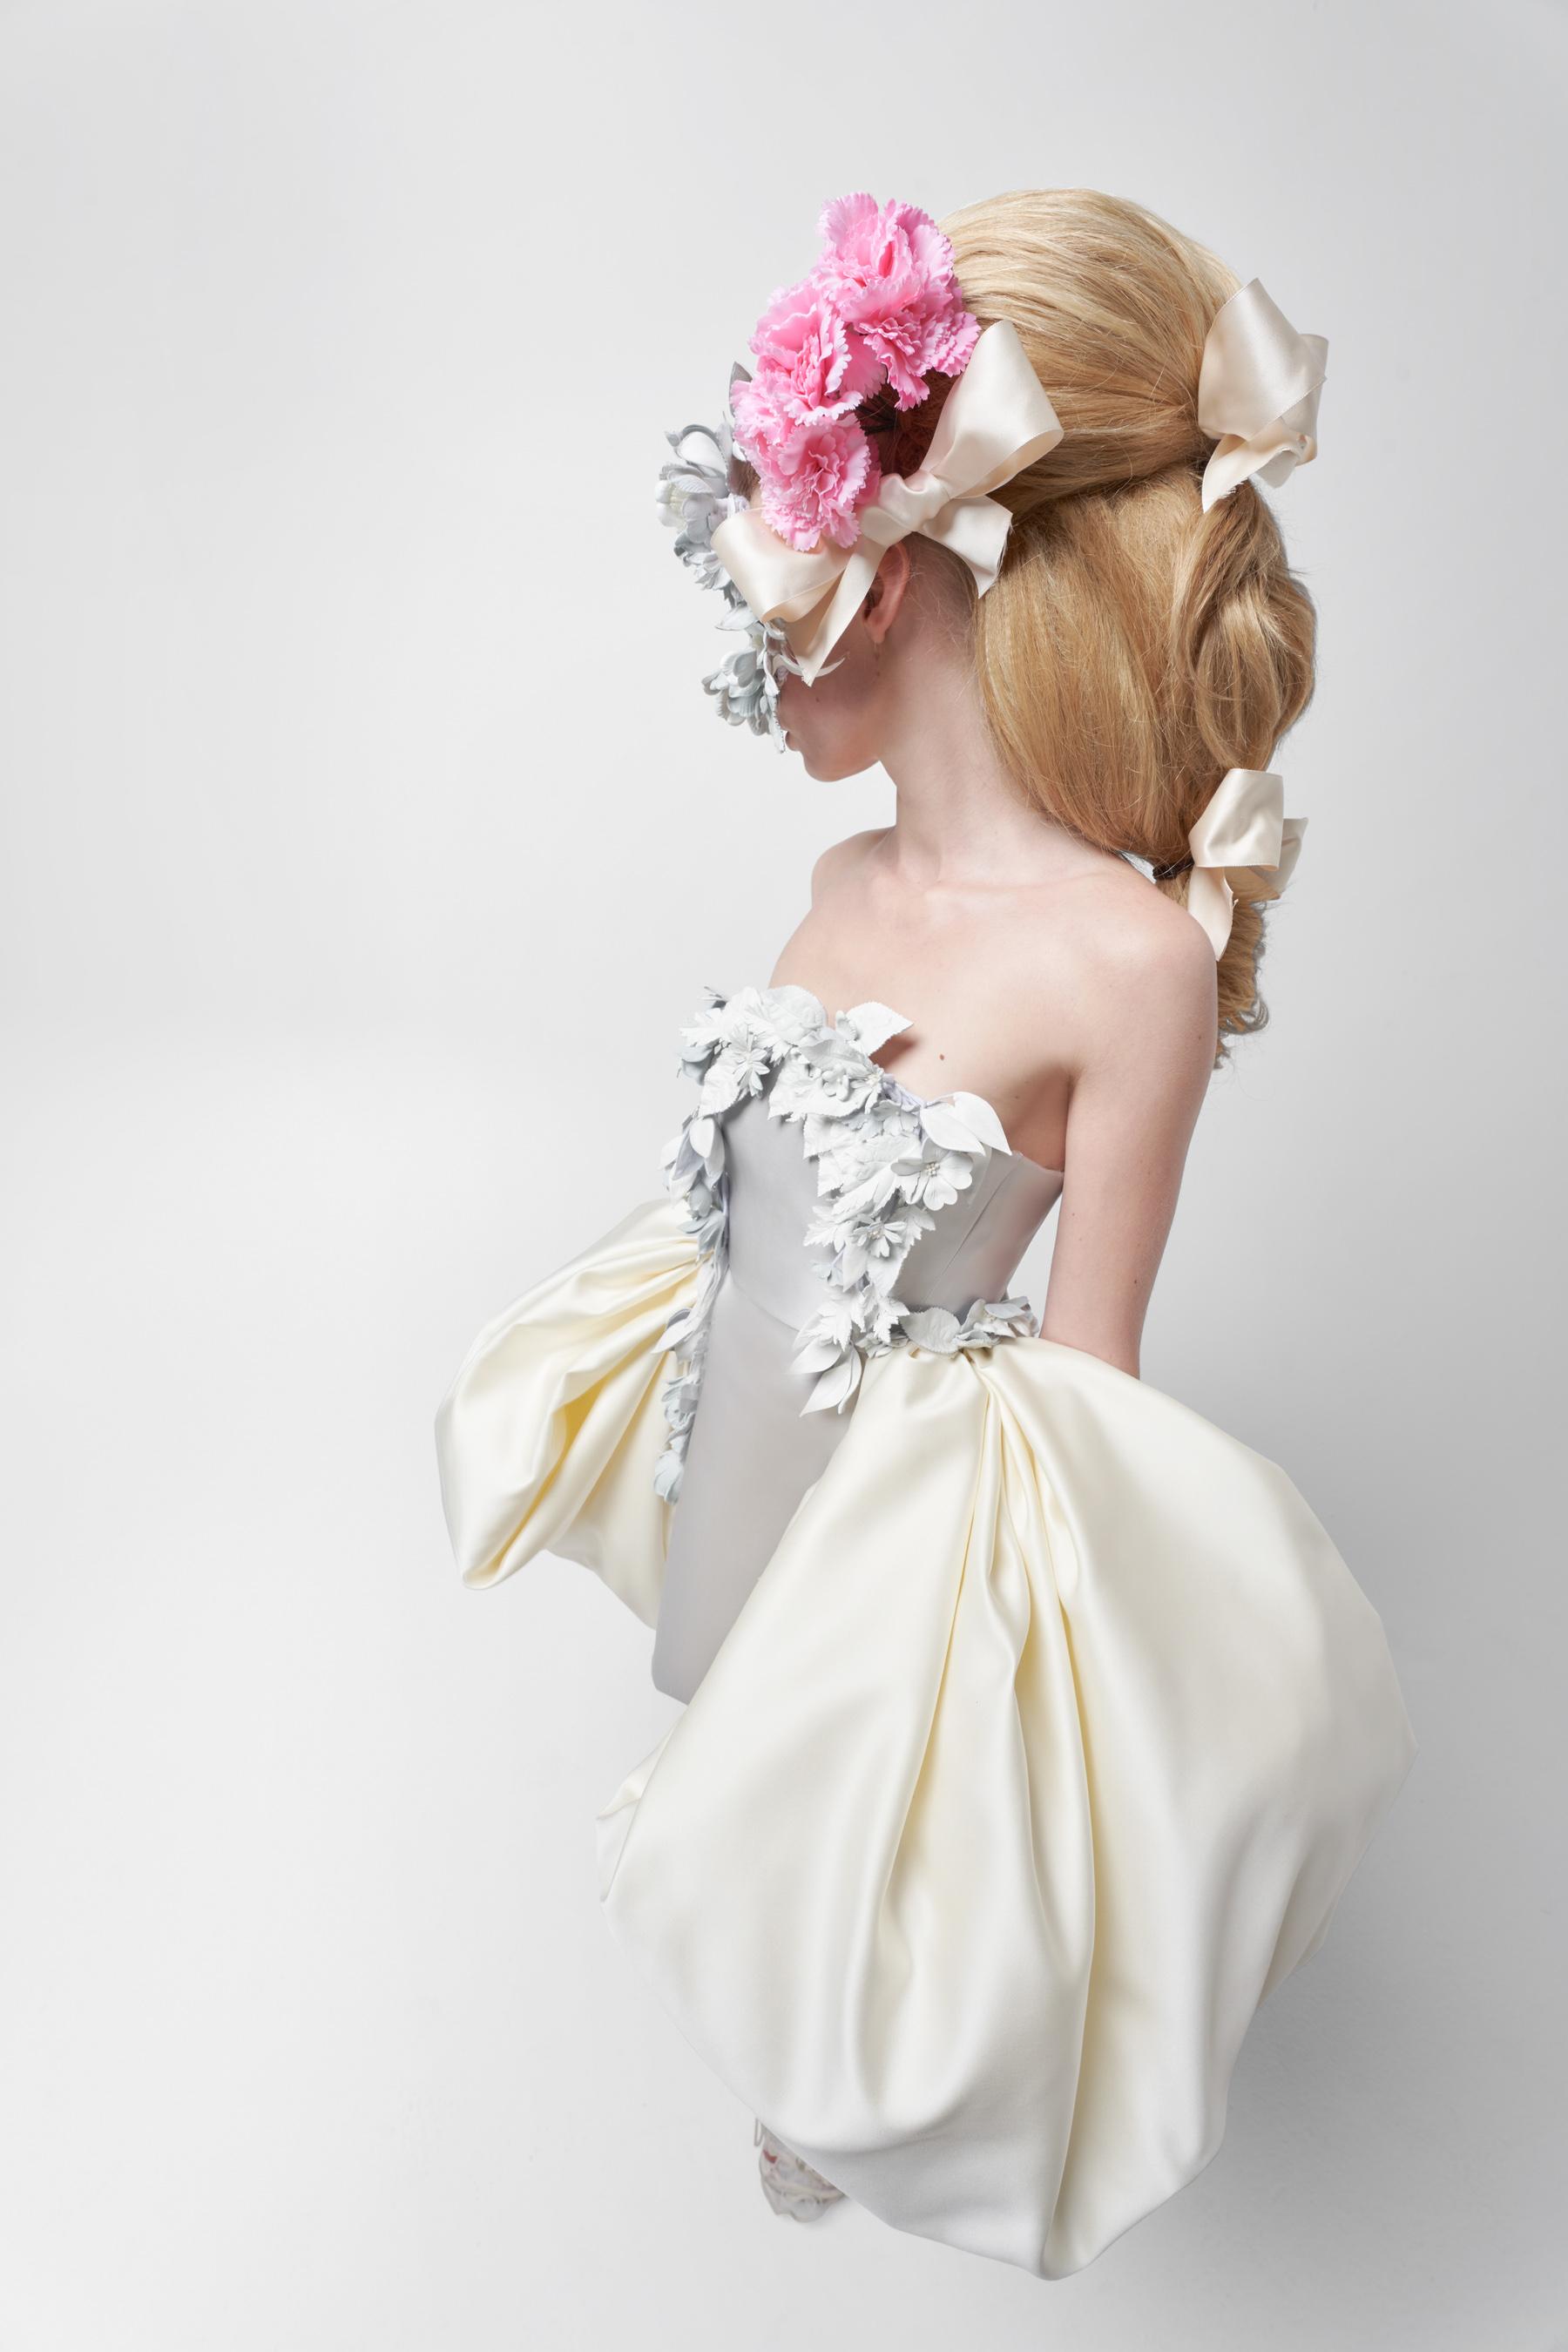 Giambattista Valli Spring 2021 Couture Fashion Show Photos